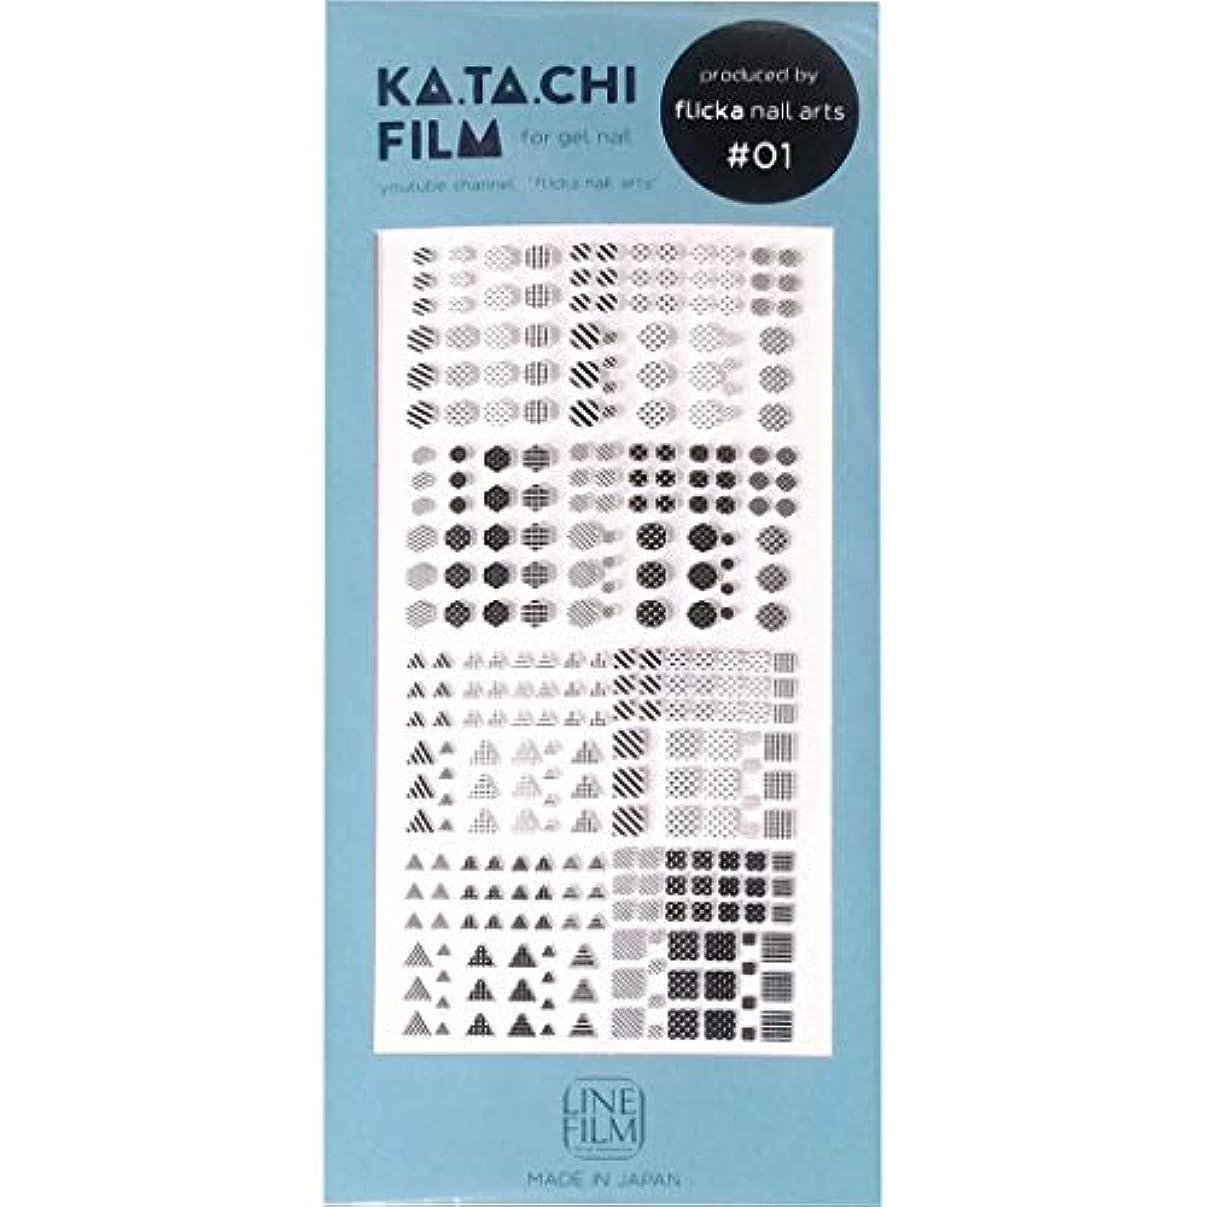 接ぎ木印象的お肉flica nail KA.TA.CHI FILM#01 【アート?ネイル用品】